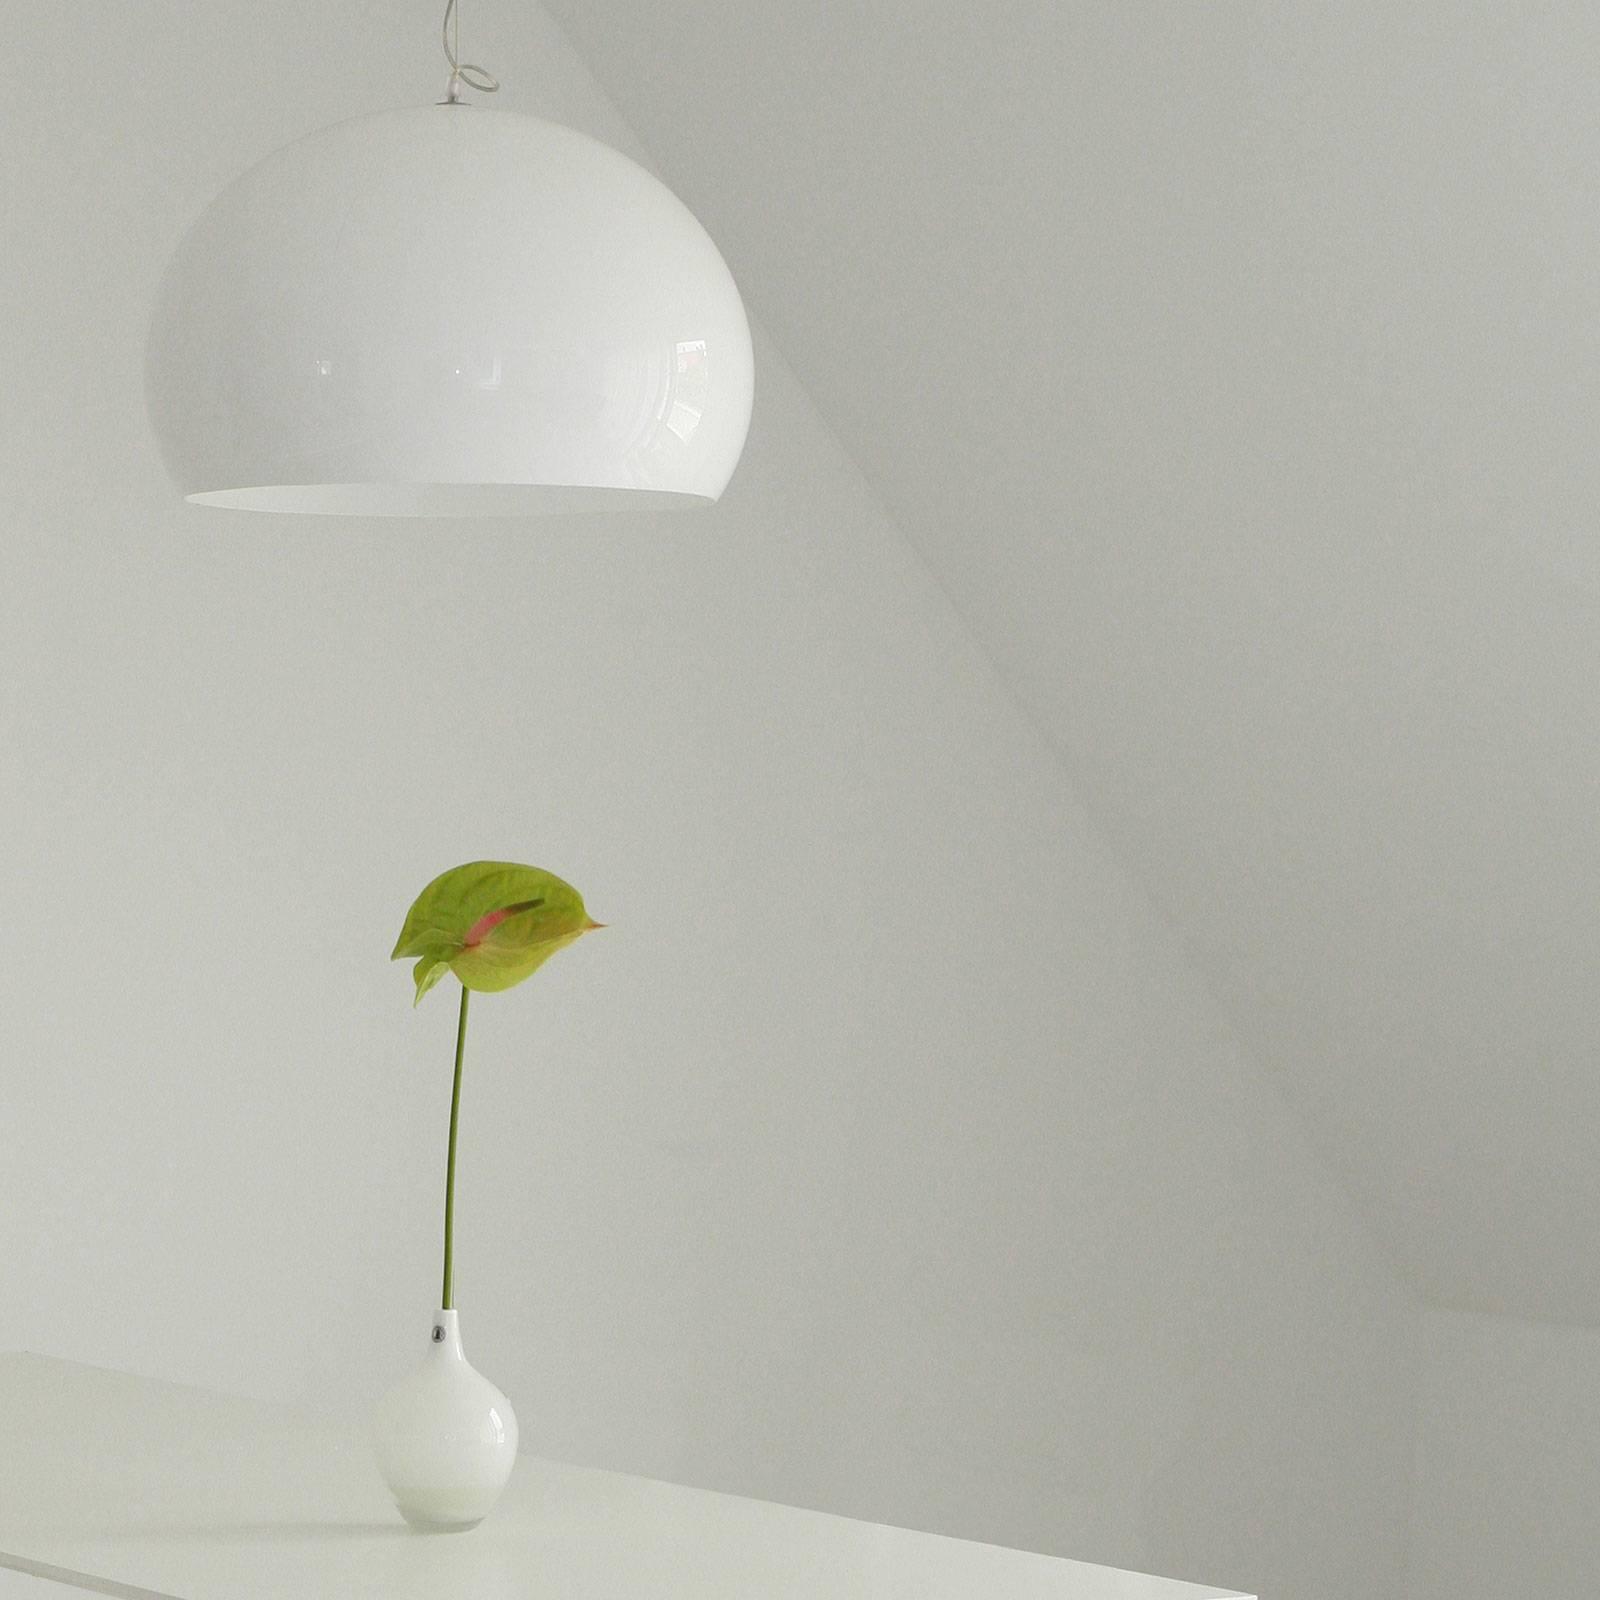 Billede af Kartell FL/Y - LED-pendellampe, blank hvid